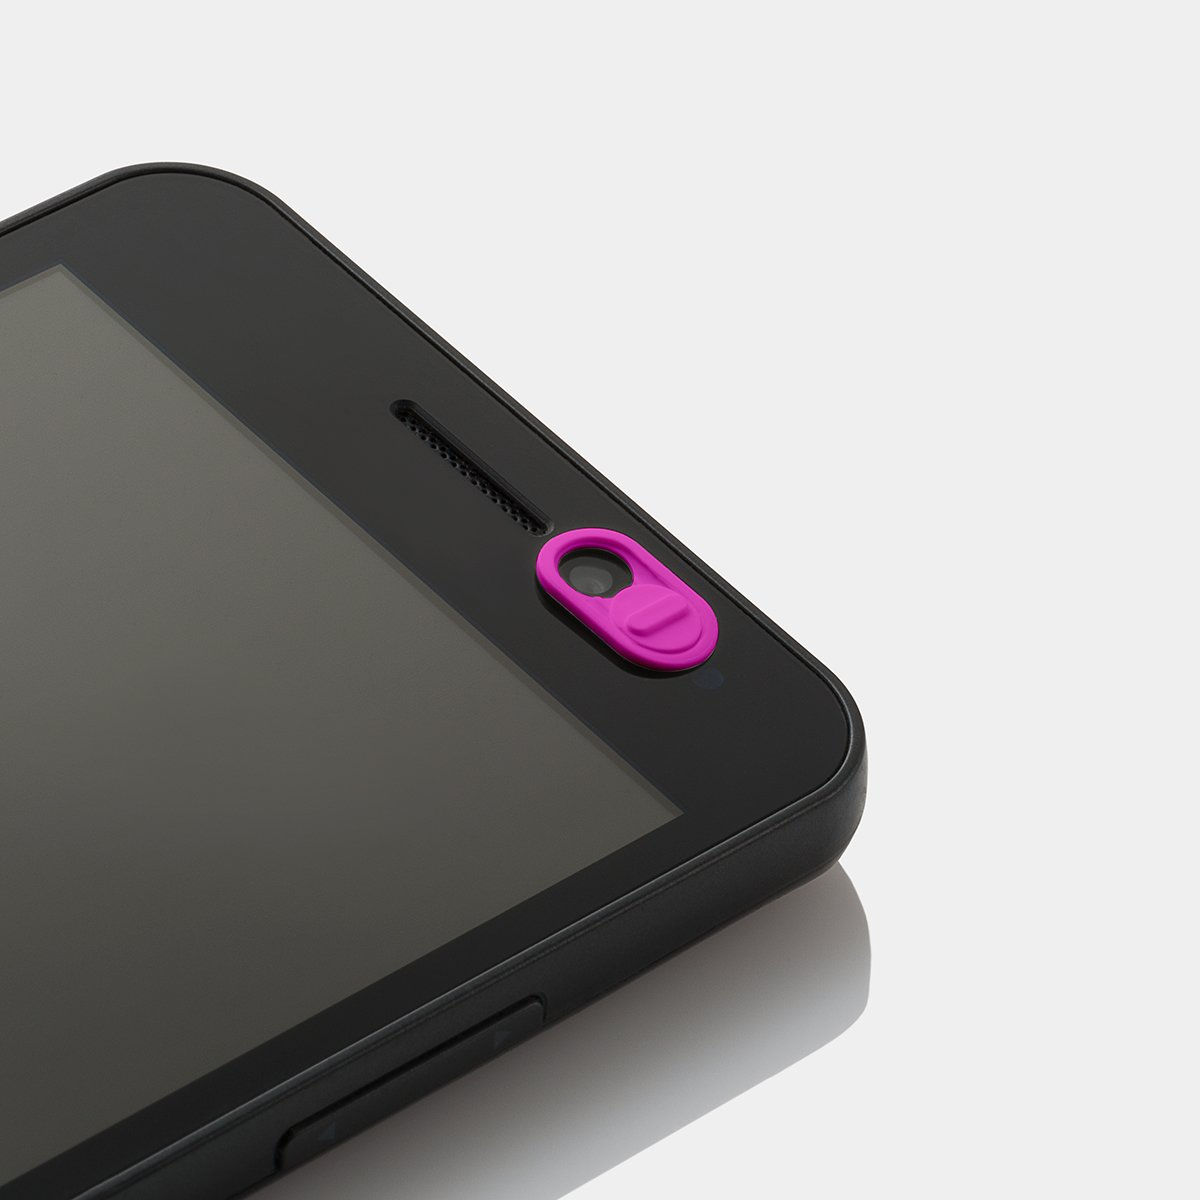 L/'originale Cache Webcam directement du fabricant Suisse fonctionnnelle et durable paquet de 3 couleurs!